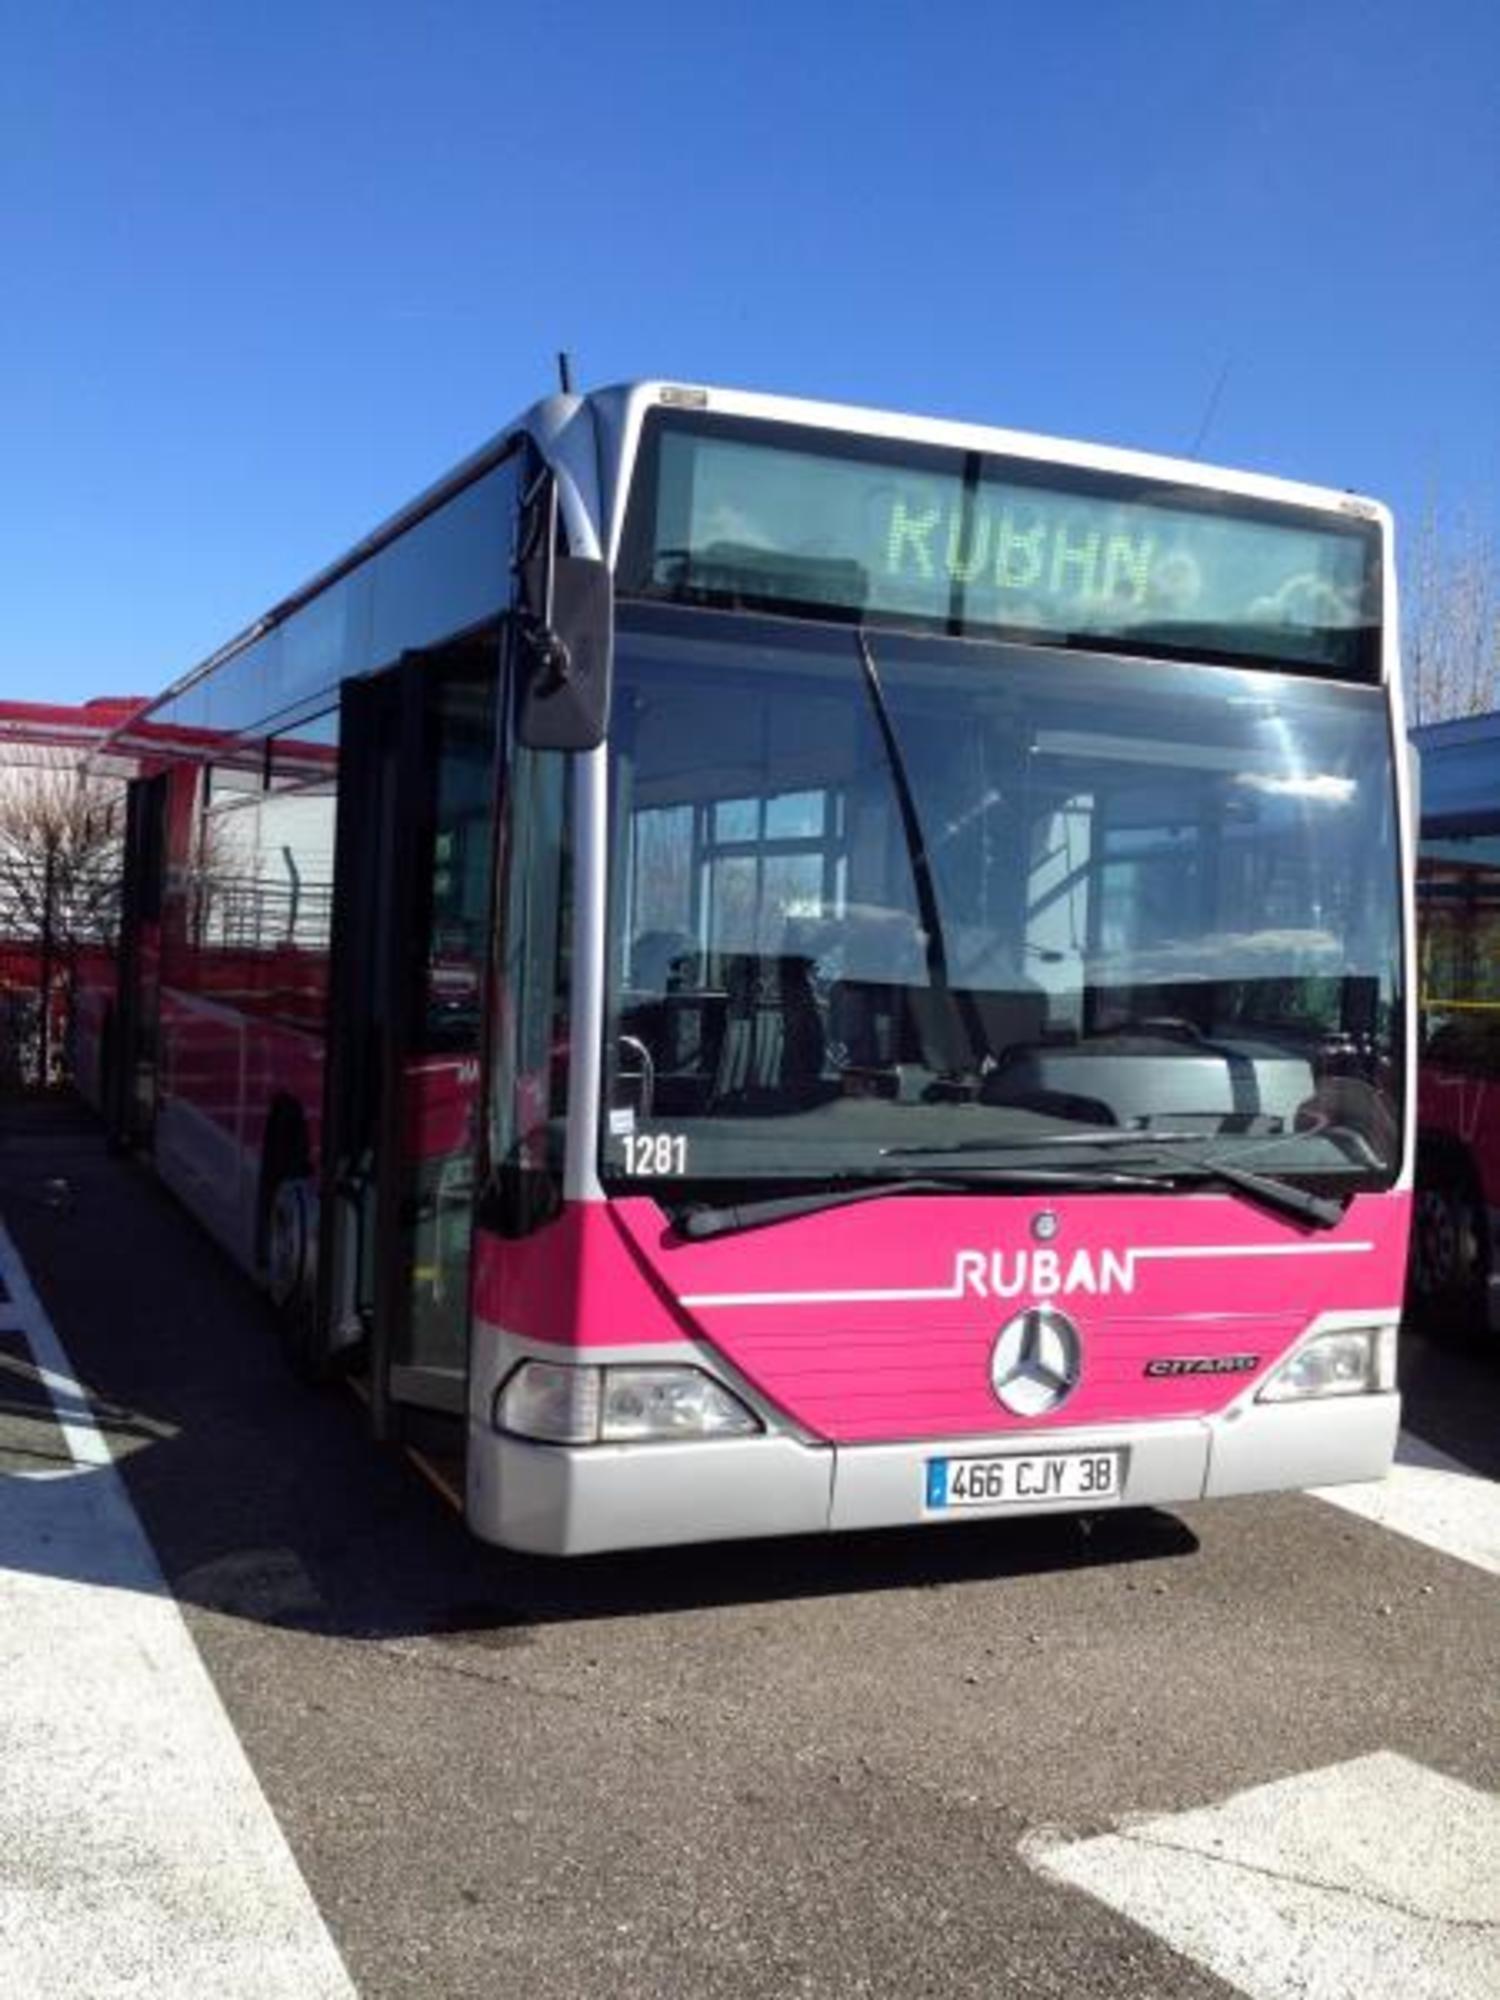 bus mercedes citaro 1281 car bus d 39 occasion aux ench res agorastore. Black Bedroom Furniture Sets. Home Design Ideas